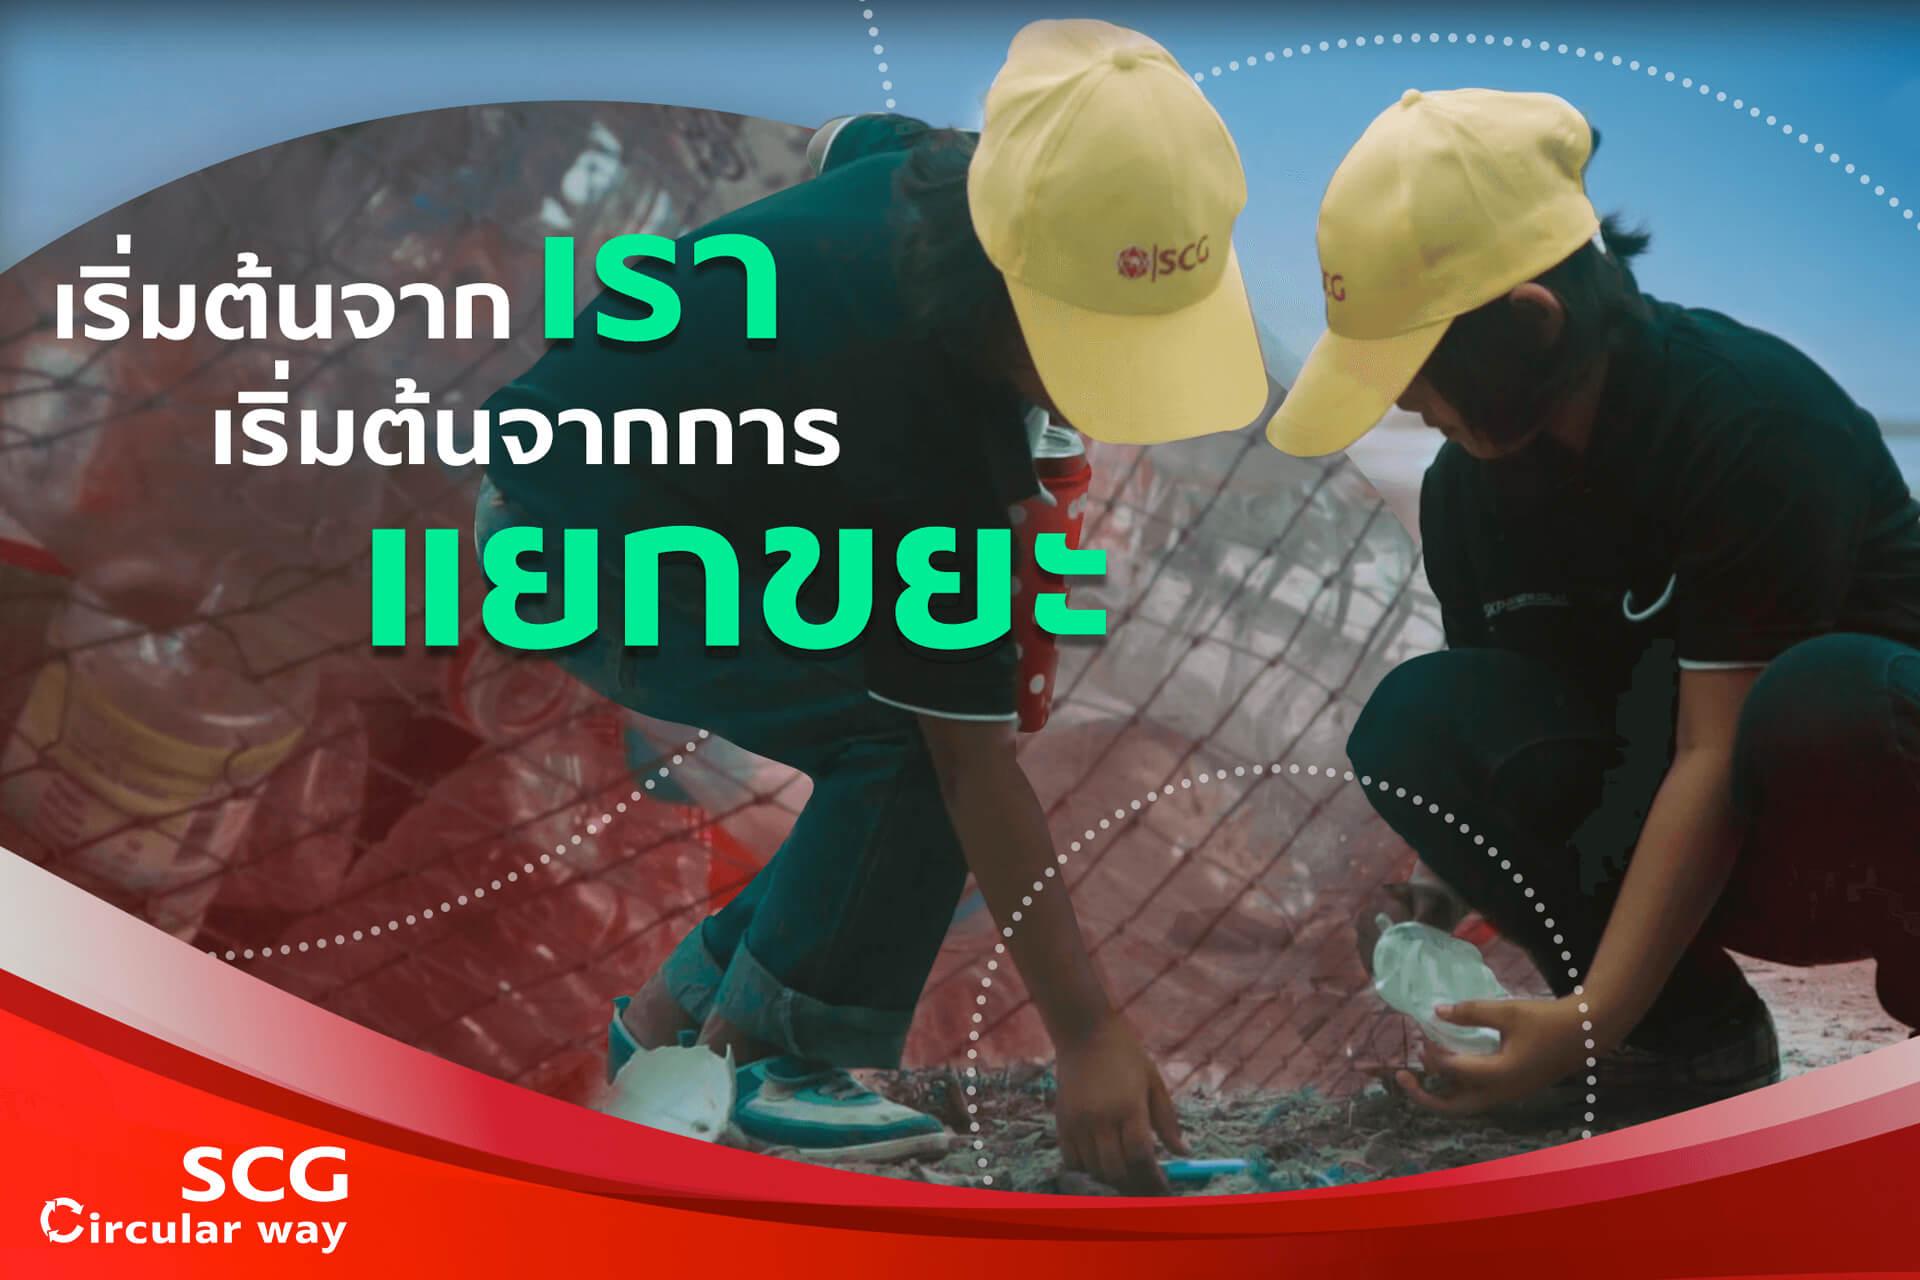 Ban Mod Tanoi community, Trang province, model of coastal coastal waste management